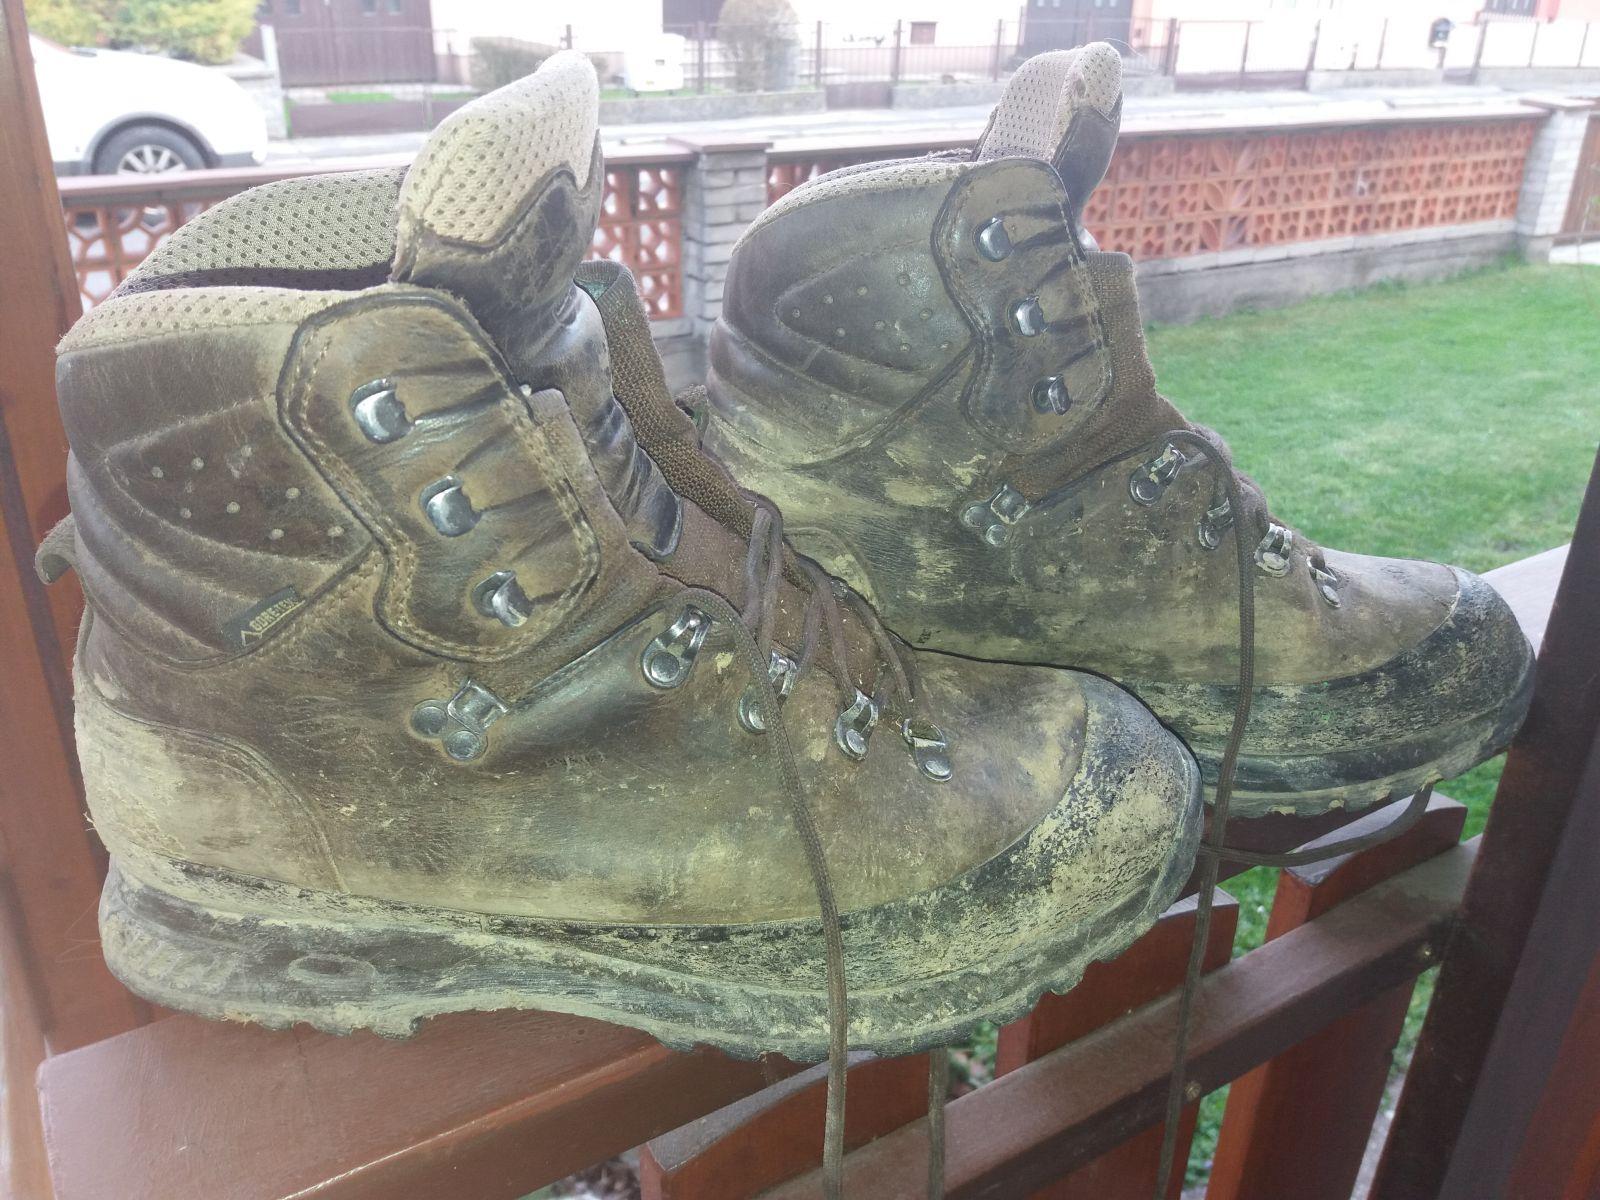 Recenzované topánky nájdeš na tejto adrese   https   www.adamsport.eu panska-vysoka-turisticka-obuv hanwag-nazcat-gtx -erde-brown  6297cfdb1ca